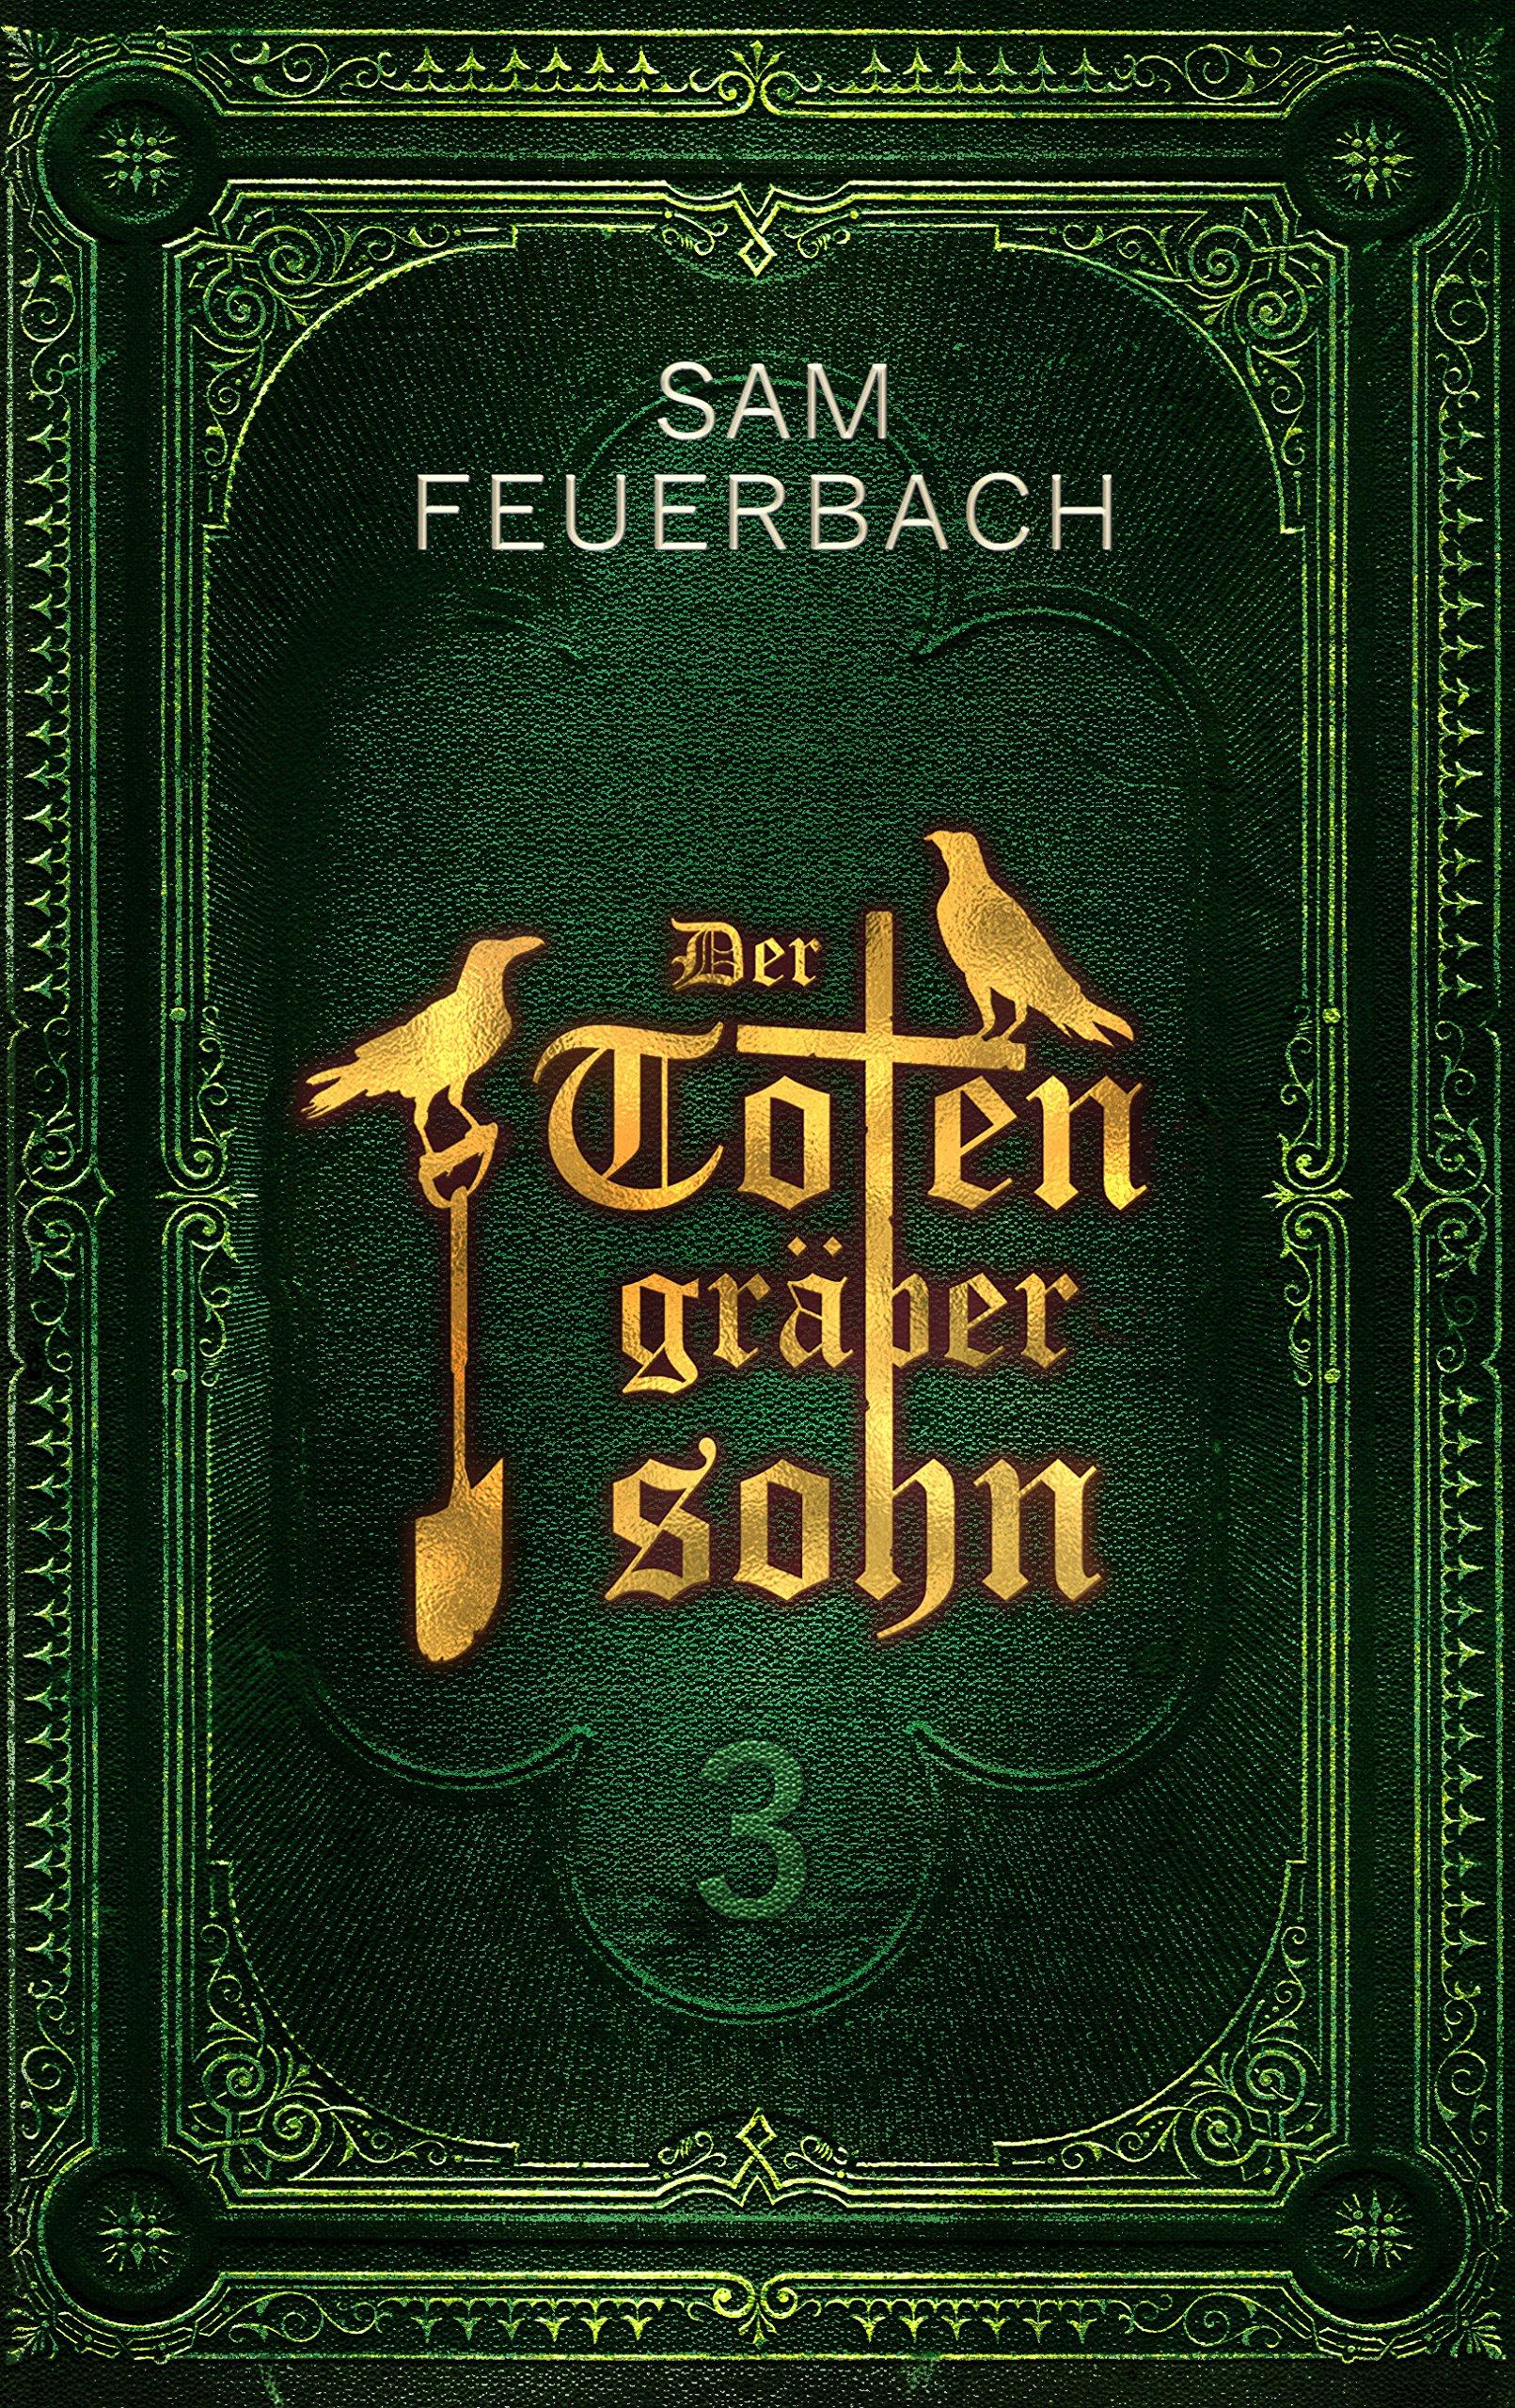 Feuerbach, S: Totengräbersohn: Buch 3 Taschenbuch – 2018 Sam Feuerbach Bene Bücher Erkrath 3947515022